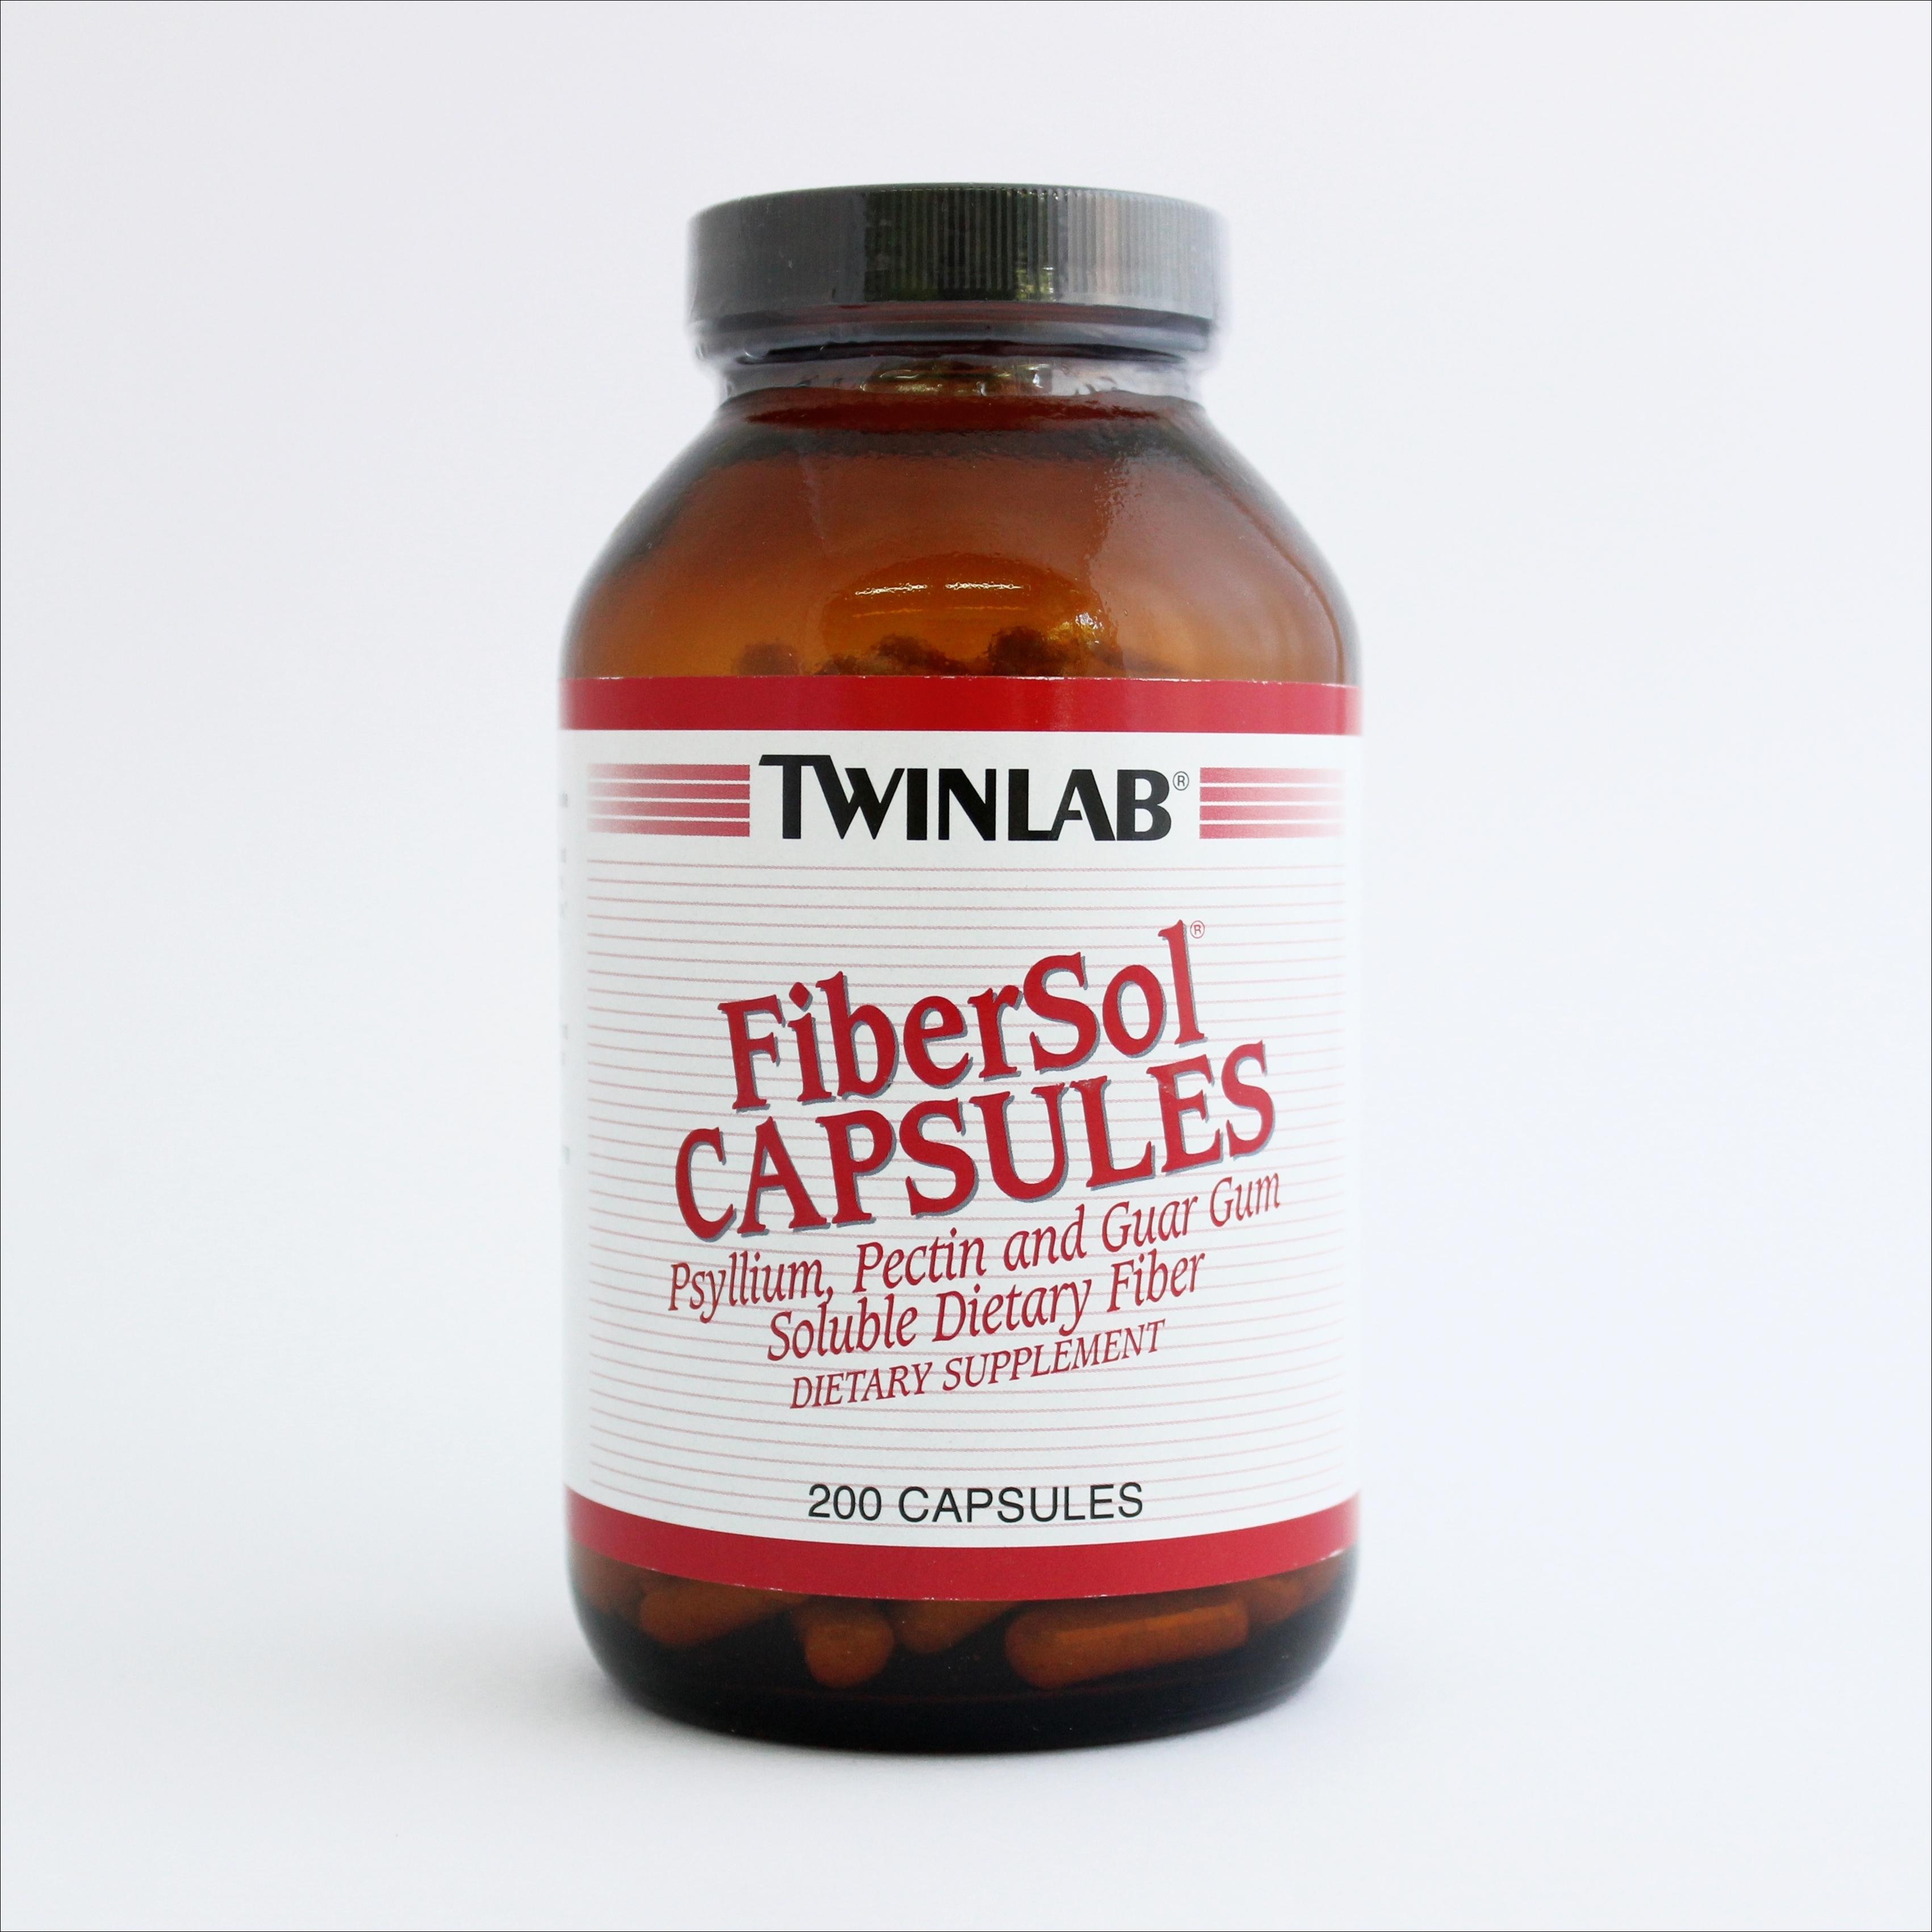 Twinlab FiberSol - za regulaciju probave i mršavljenje - 200 kapsula 00216